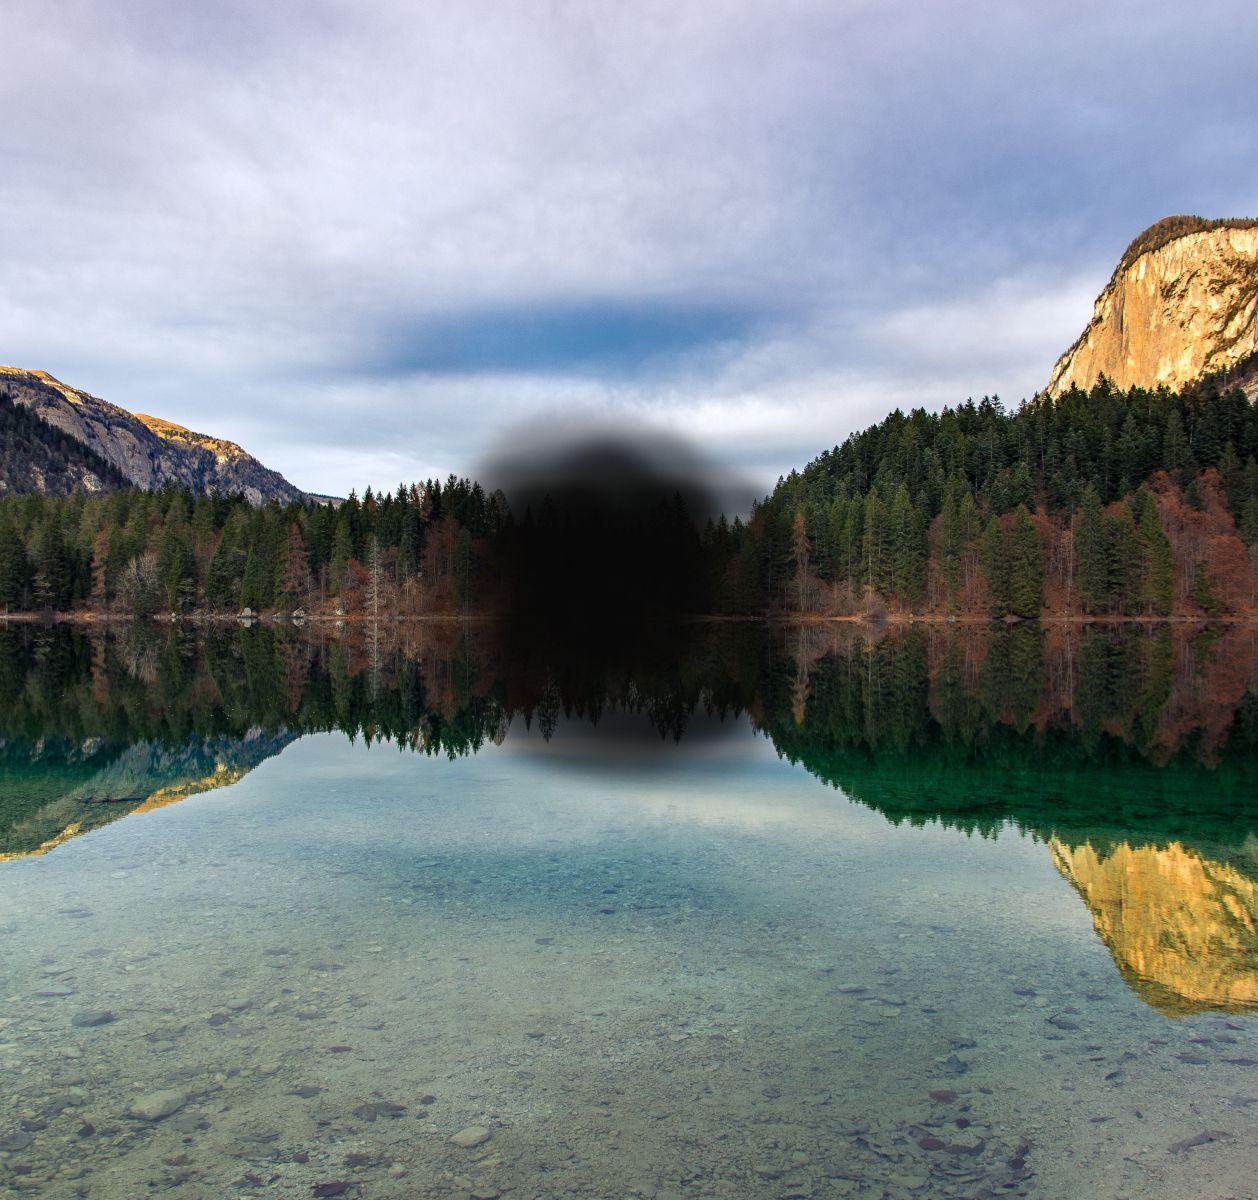 Black spot in vision image